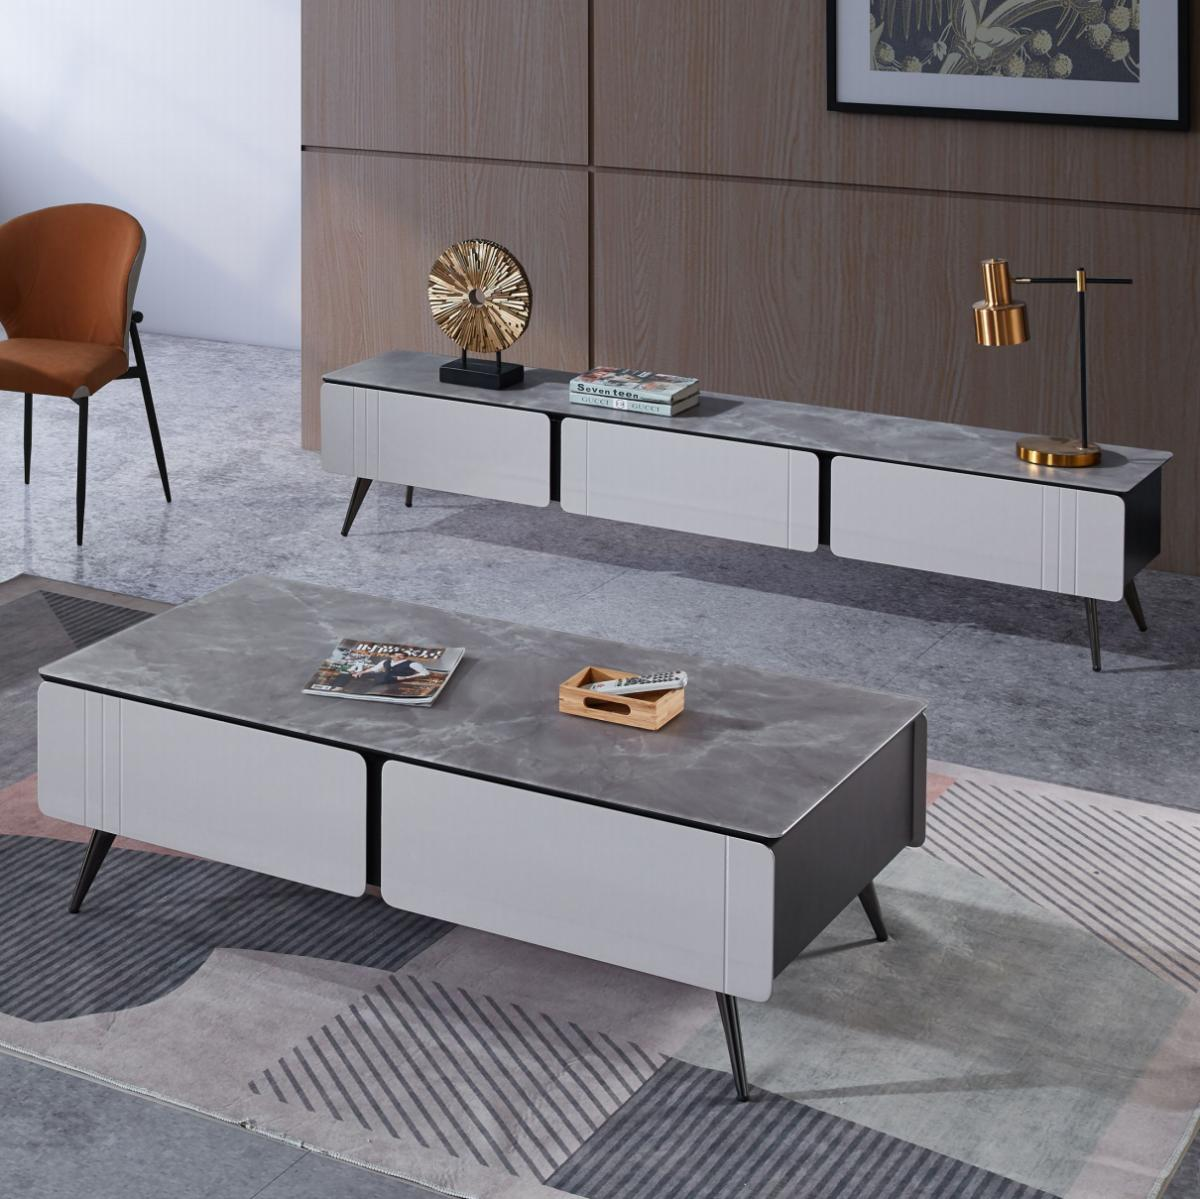 岩板茶几电视柜组合现代简约客厅小户型烤漆收纳新款茶几轻奢现代